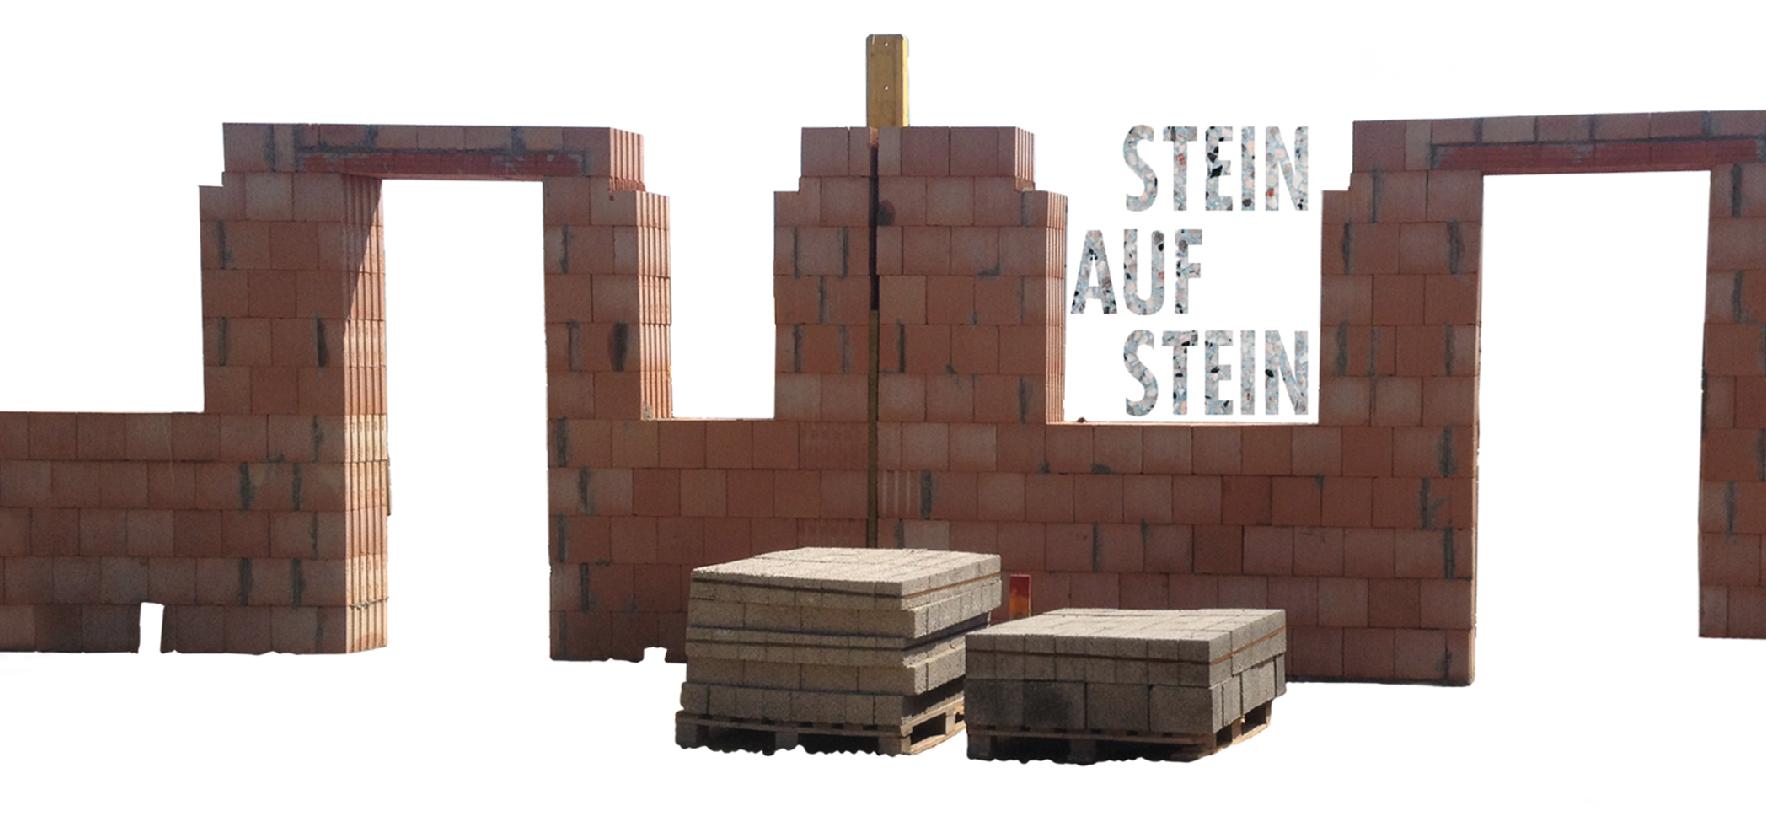 Stein auf Stein Mary Gold Christian Kurz Bastian Schwind